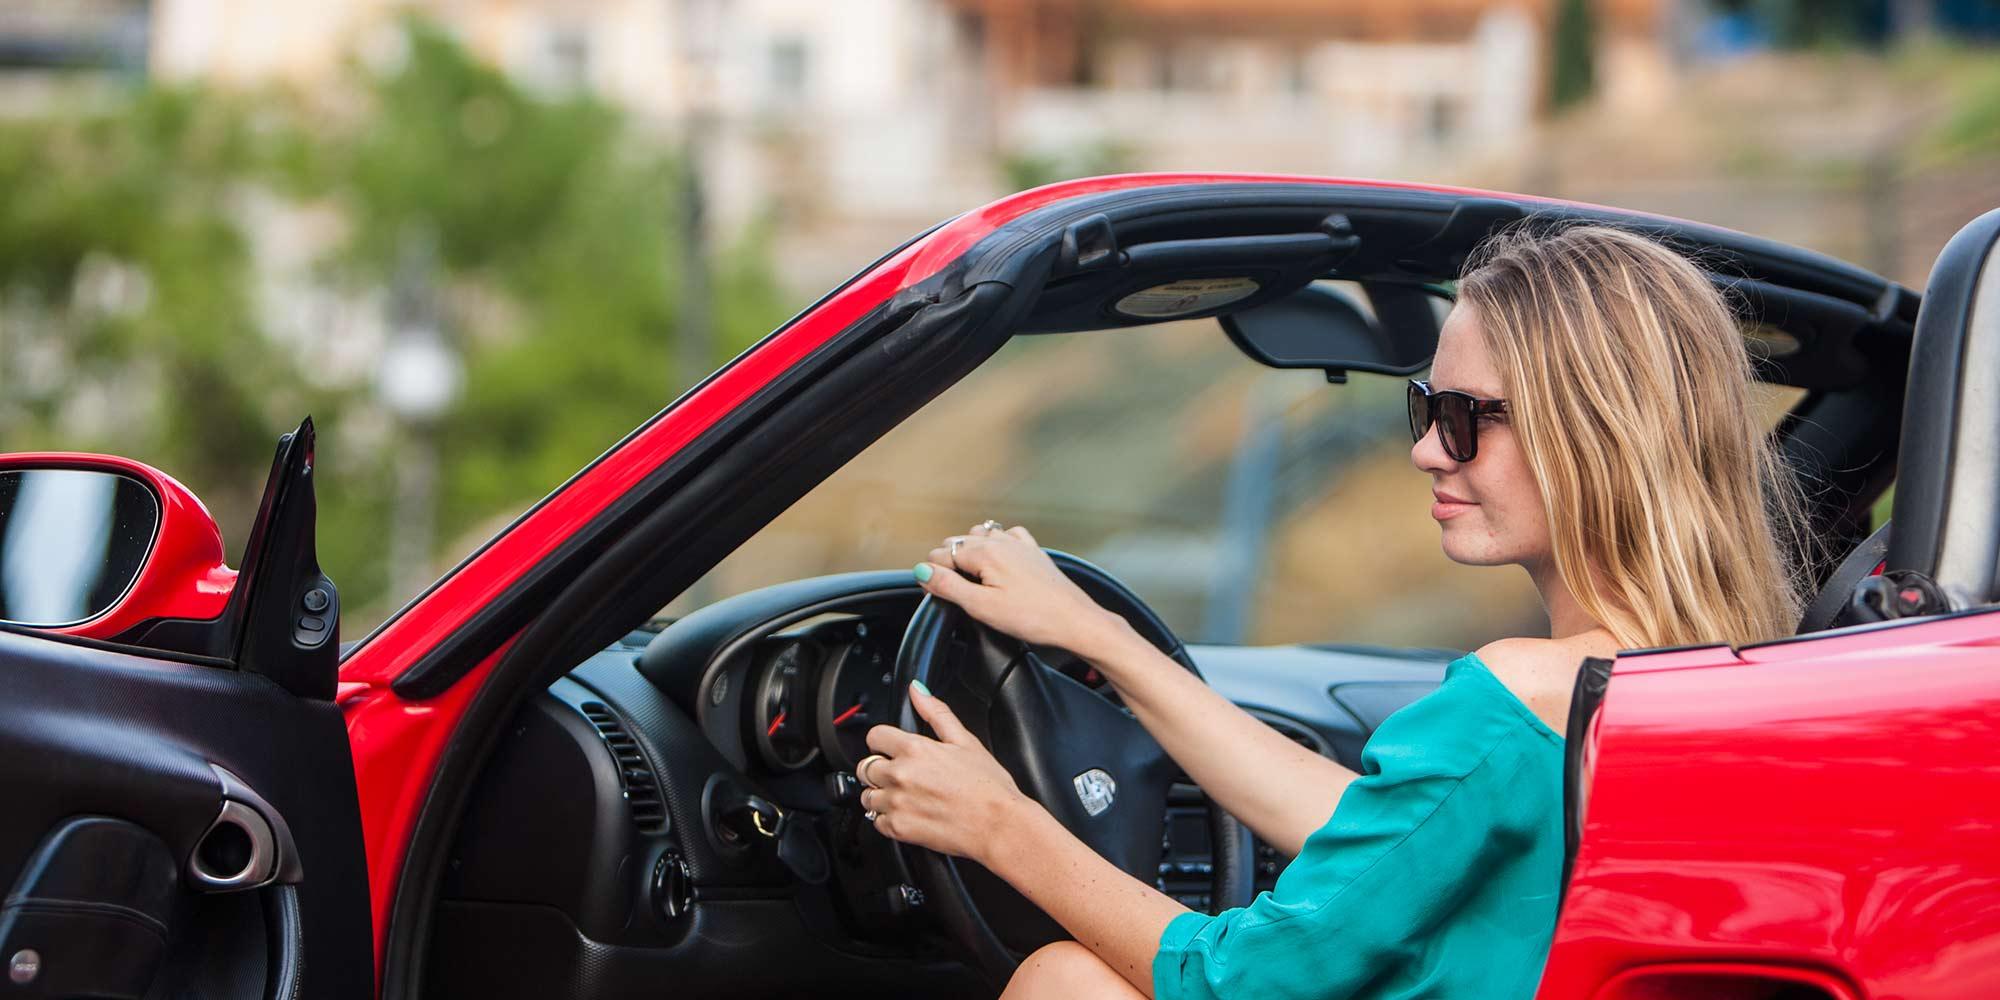 Прокат авто в Европе: цены, условия и примеры компаний